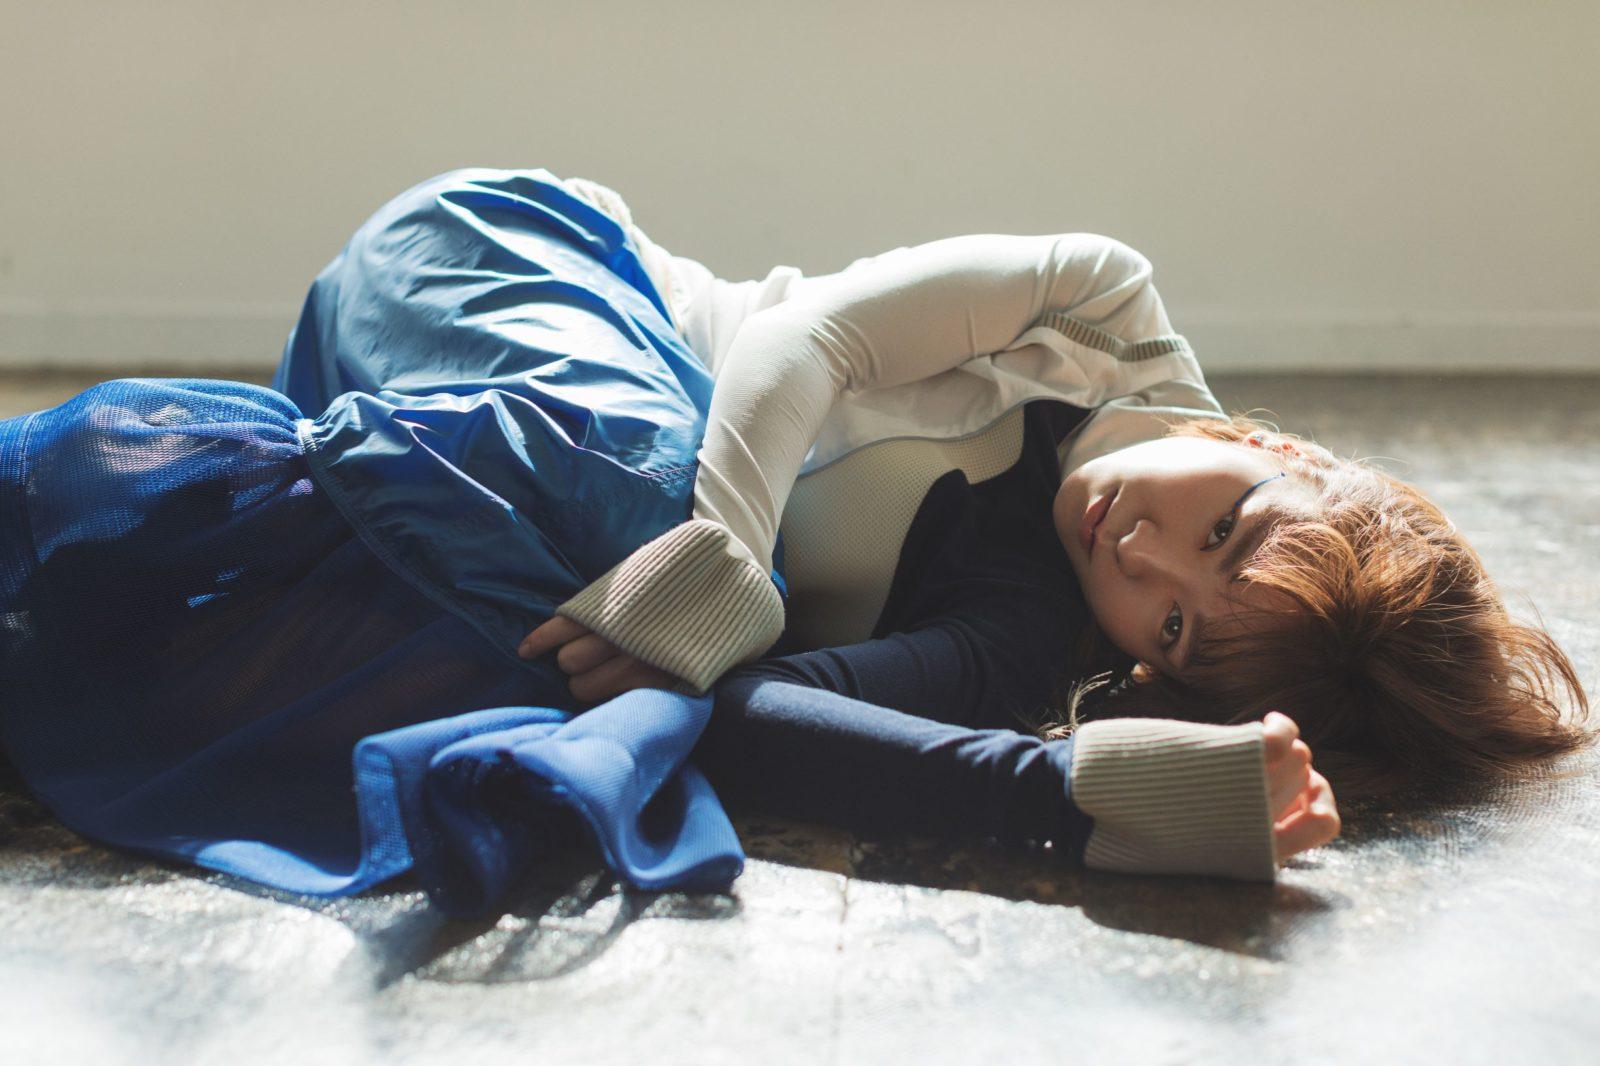 みるきーうぇい、3rd mini AL『僕らの感情崩壊音』より「大阪路地裏少年」小説&映像作品&音楽配信が解禁サムネイル画像